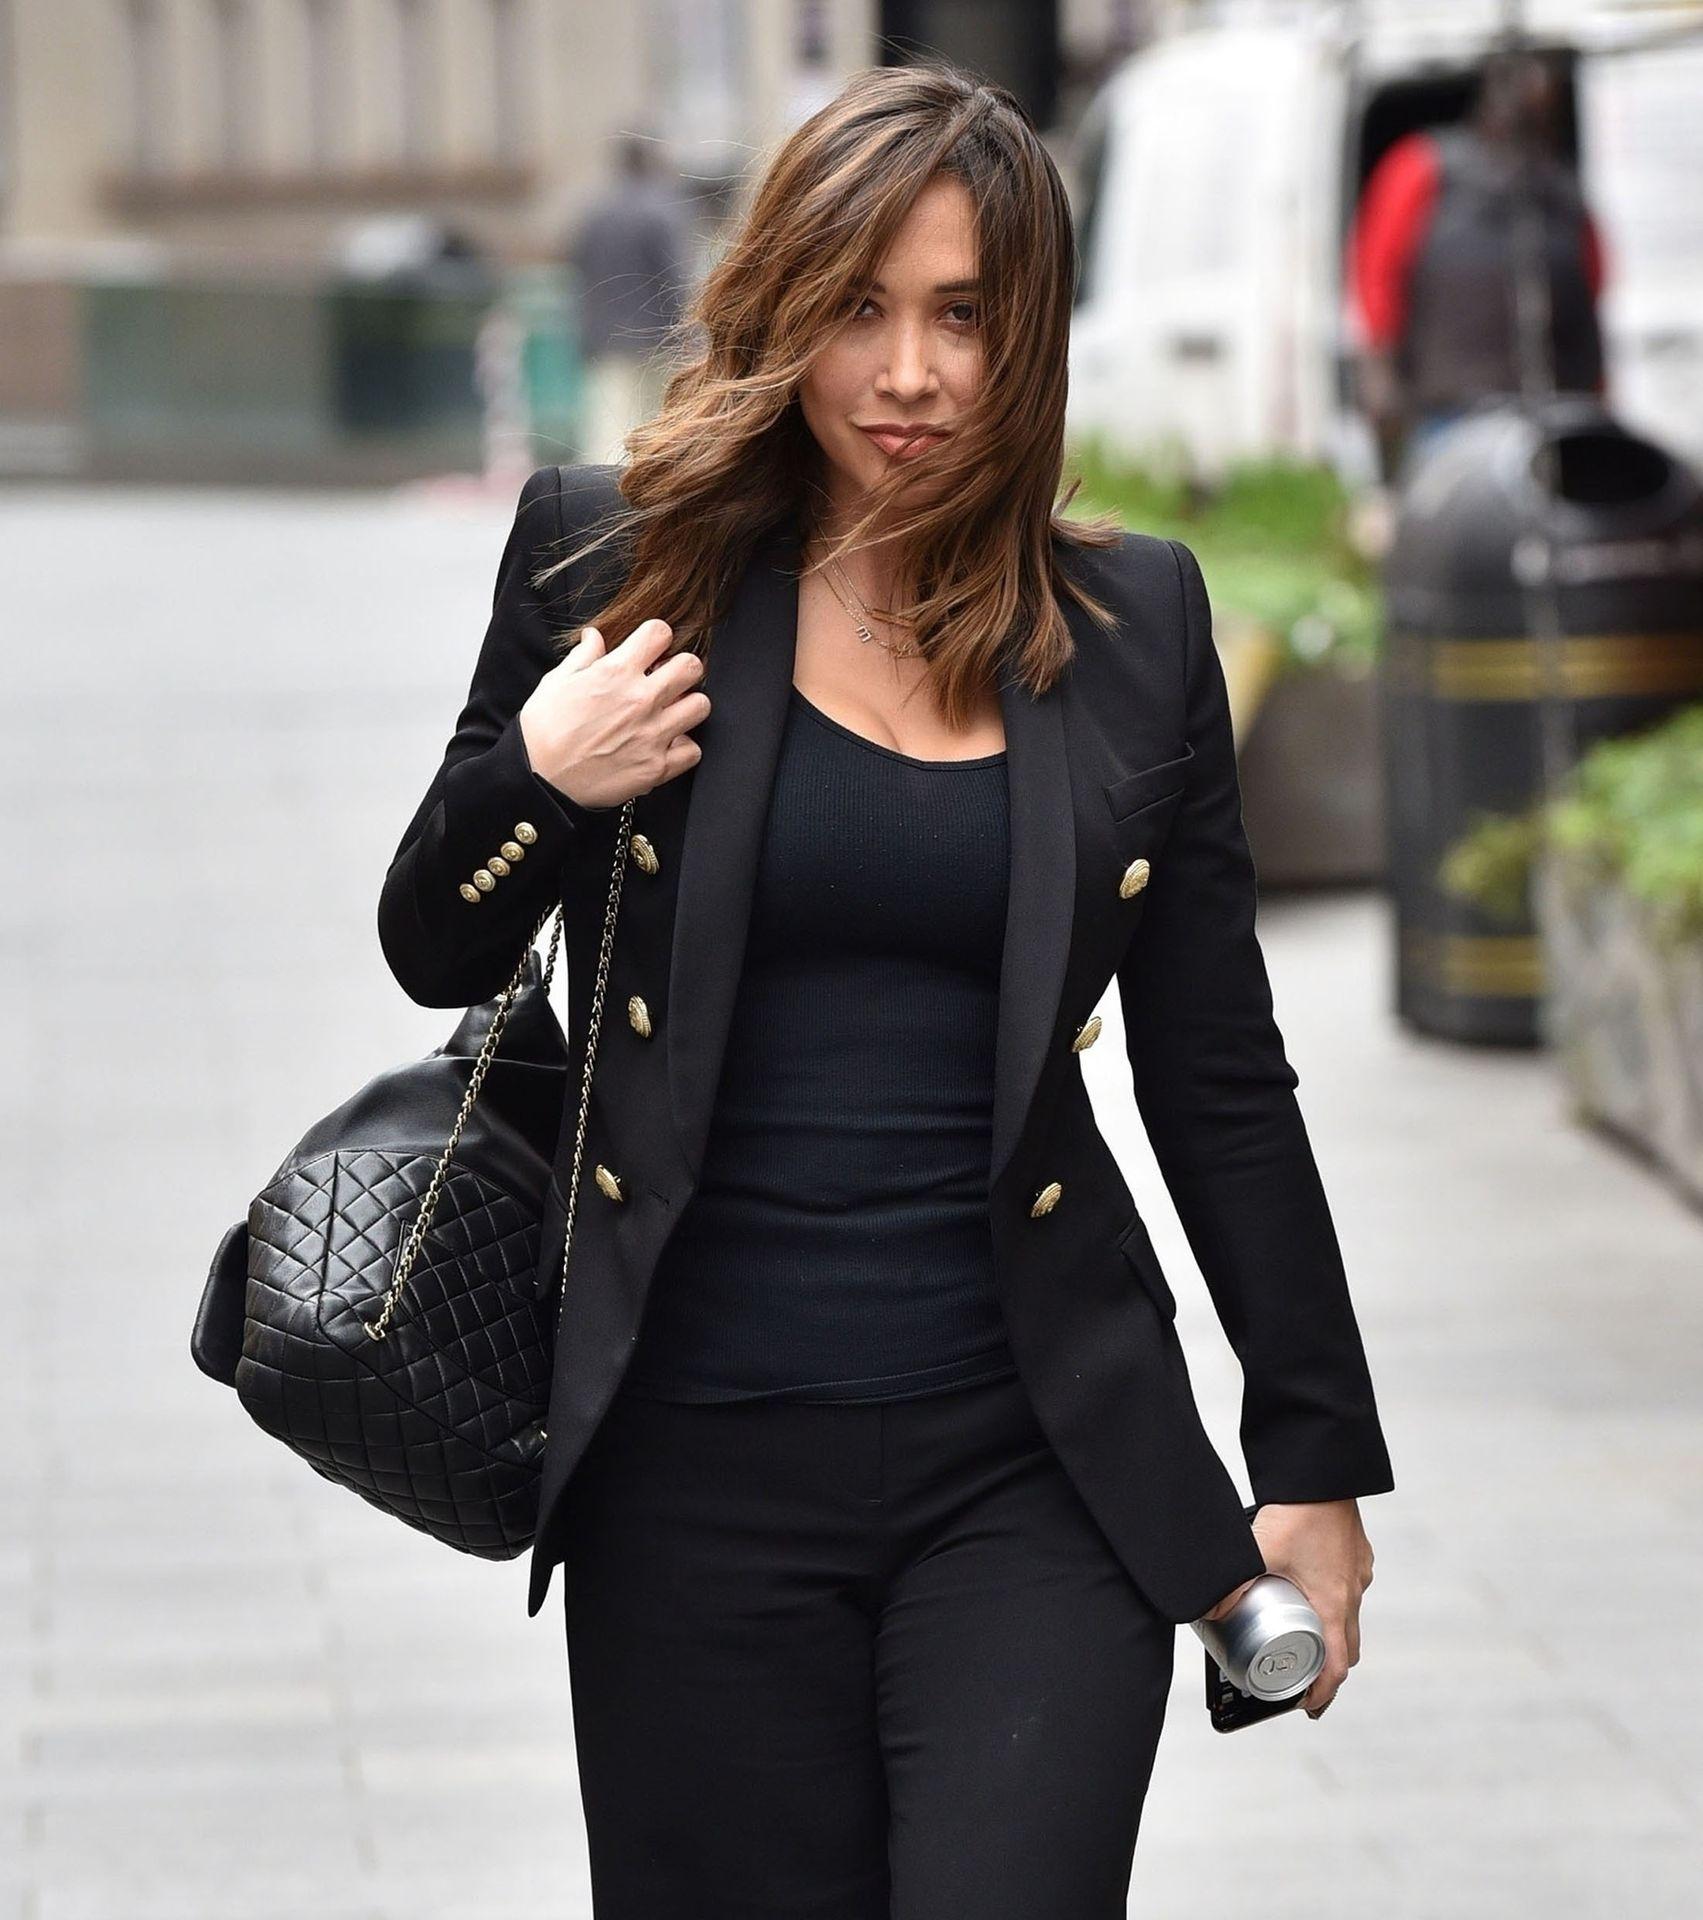 Myleene Klass Looks Hot In All Black In London 0007